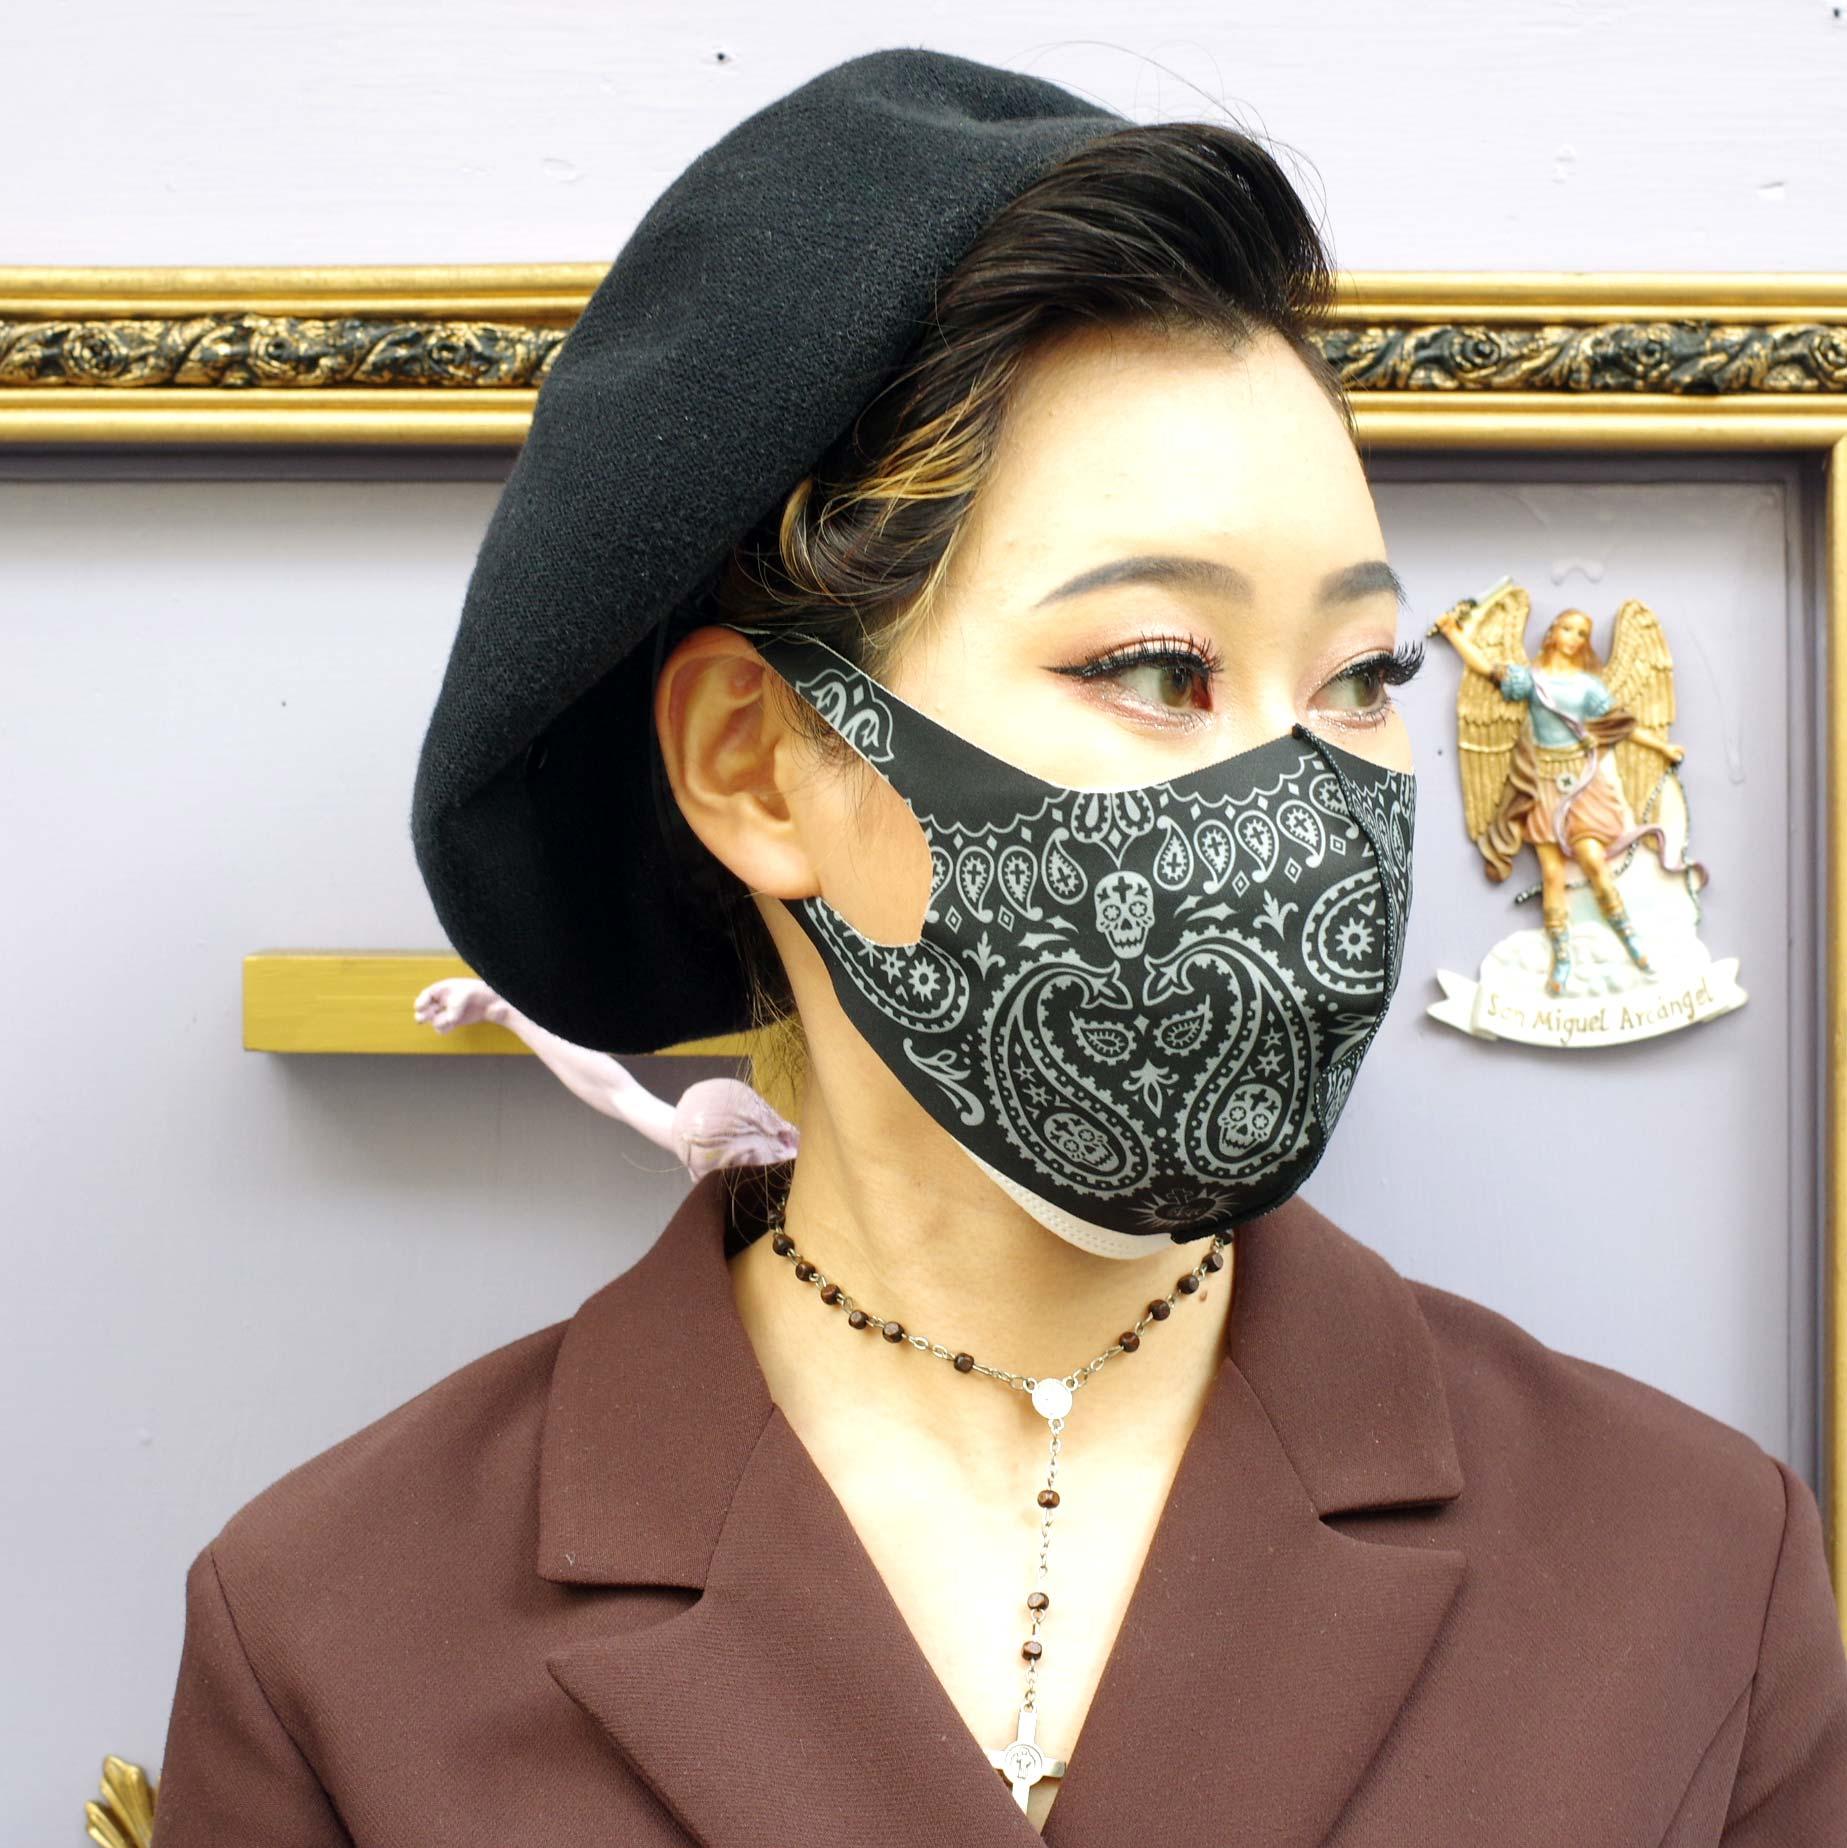 """""""PADマスク,マスク,衛生用マスク,布マクス,エコマスク,おしゃれ,洗える,ウォッシャブル,繰り返し使えるマスク,メキシコ雑貨,メキシコ雑貨PAD"""""""